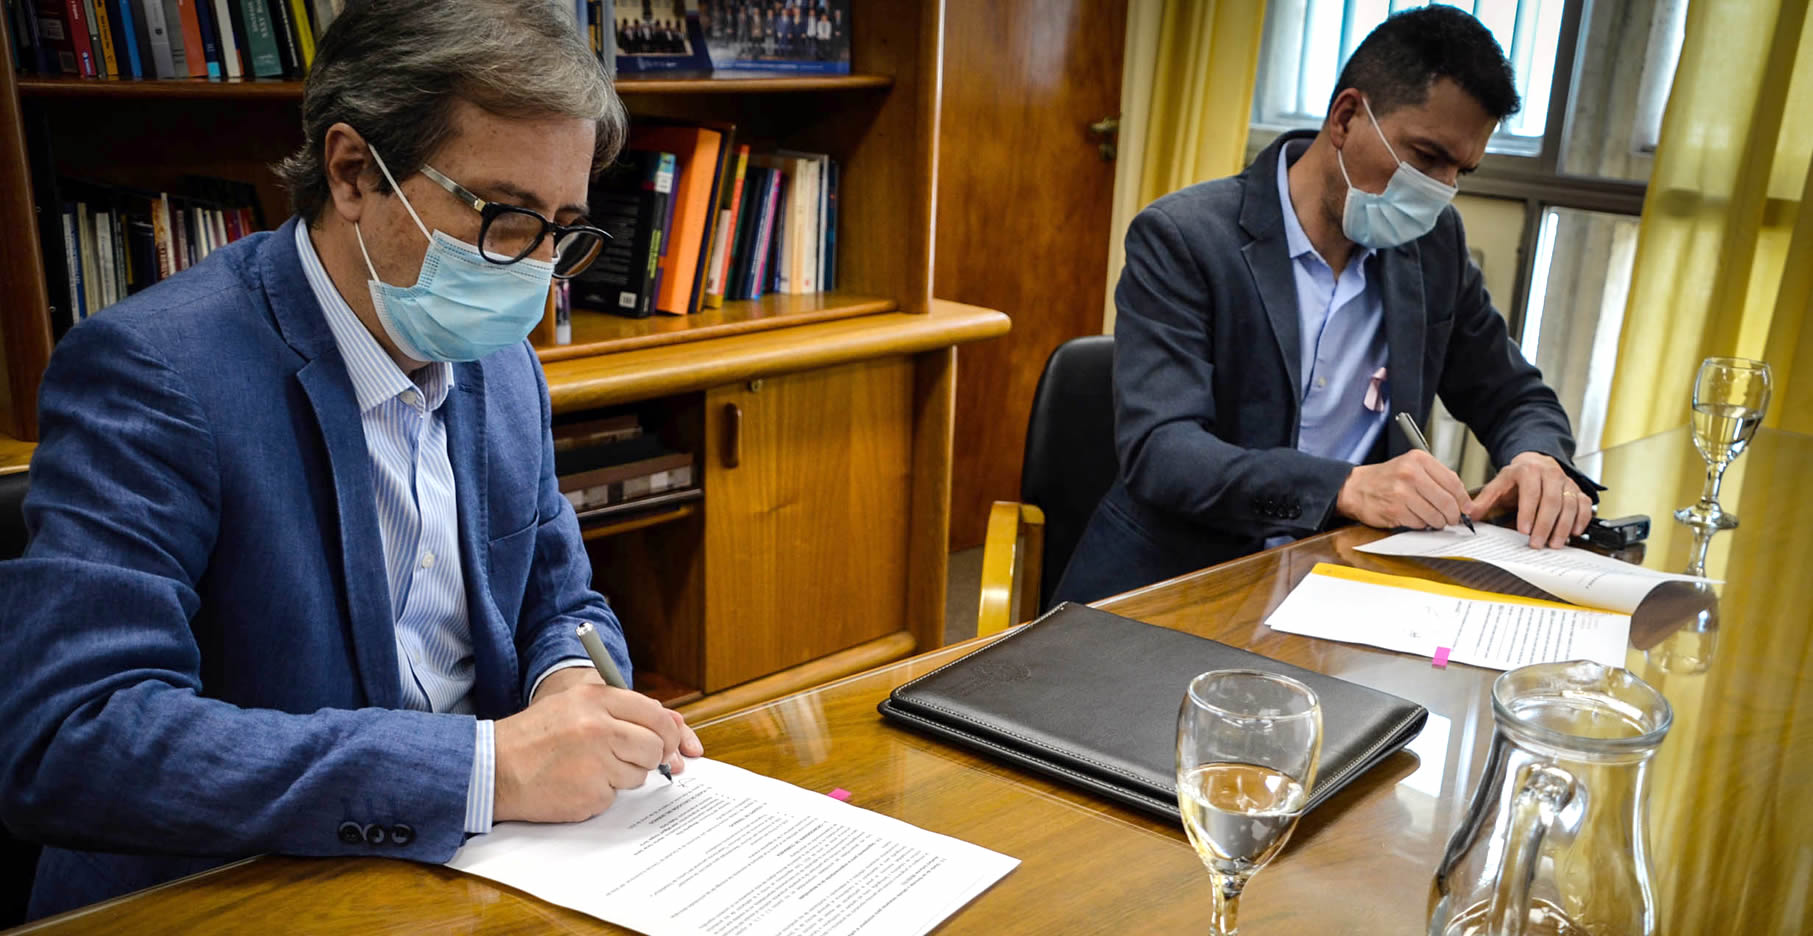 Jhon Boretto y Luis Picat, con barbijos, sentados firmando el convenio